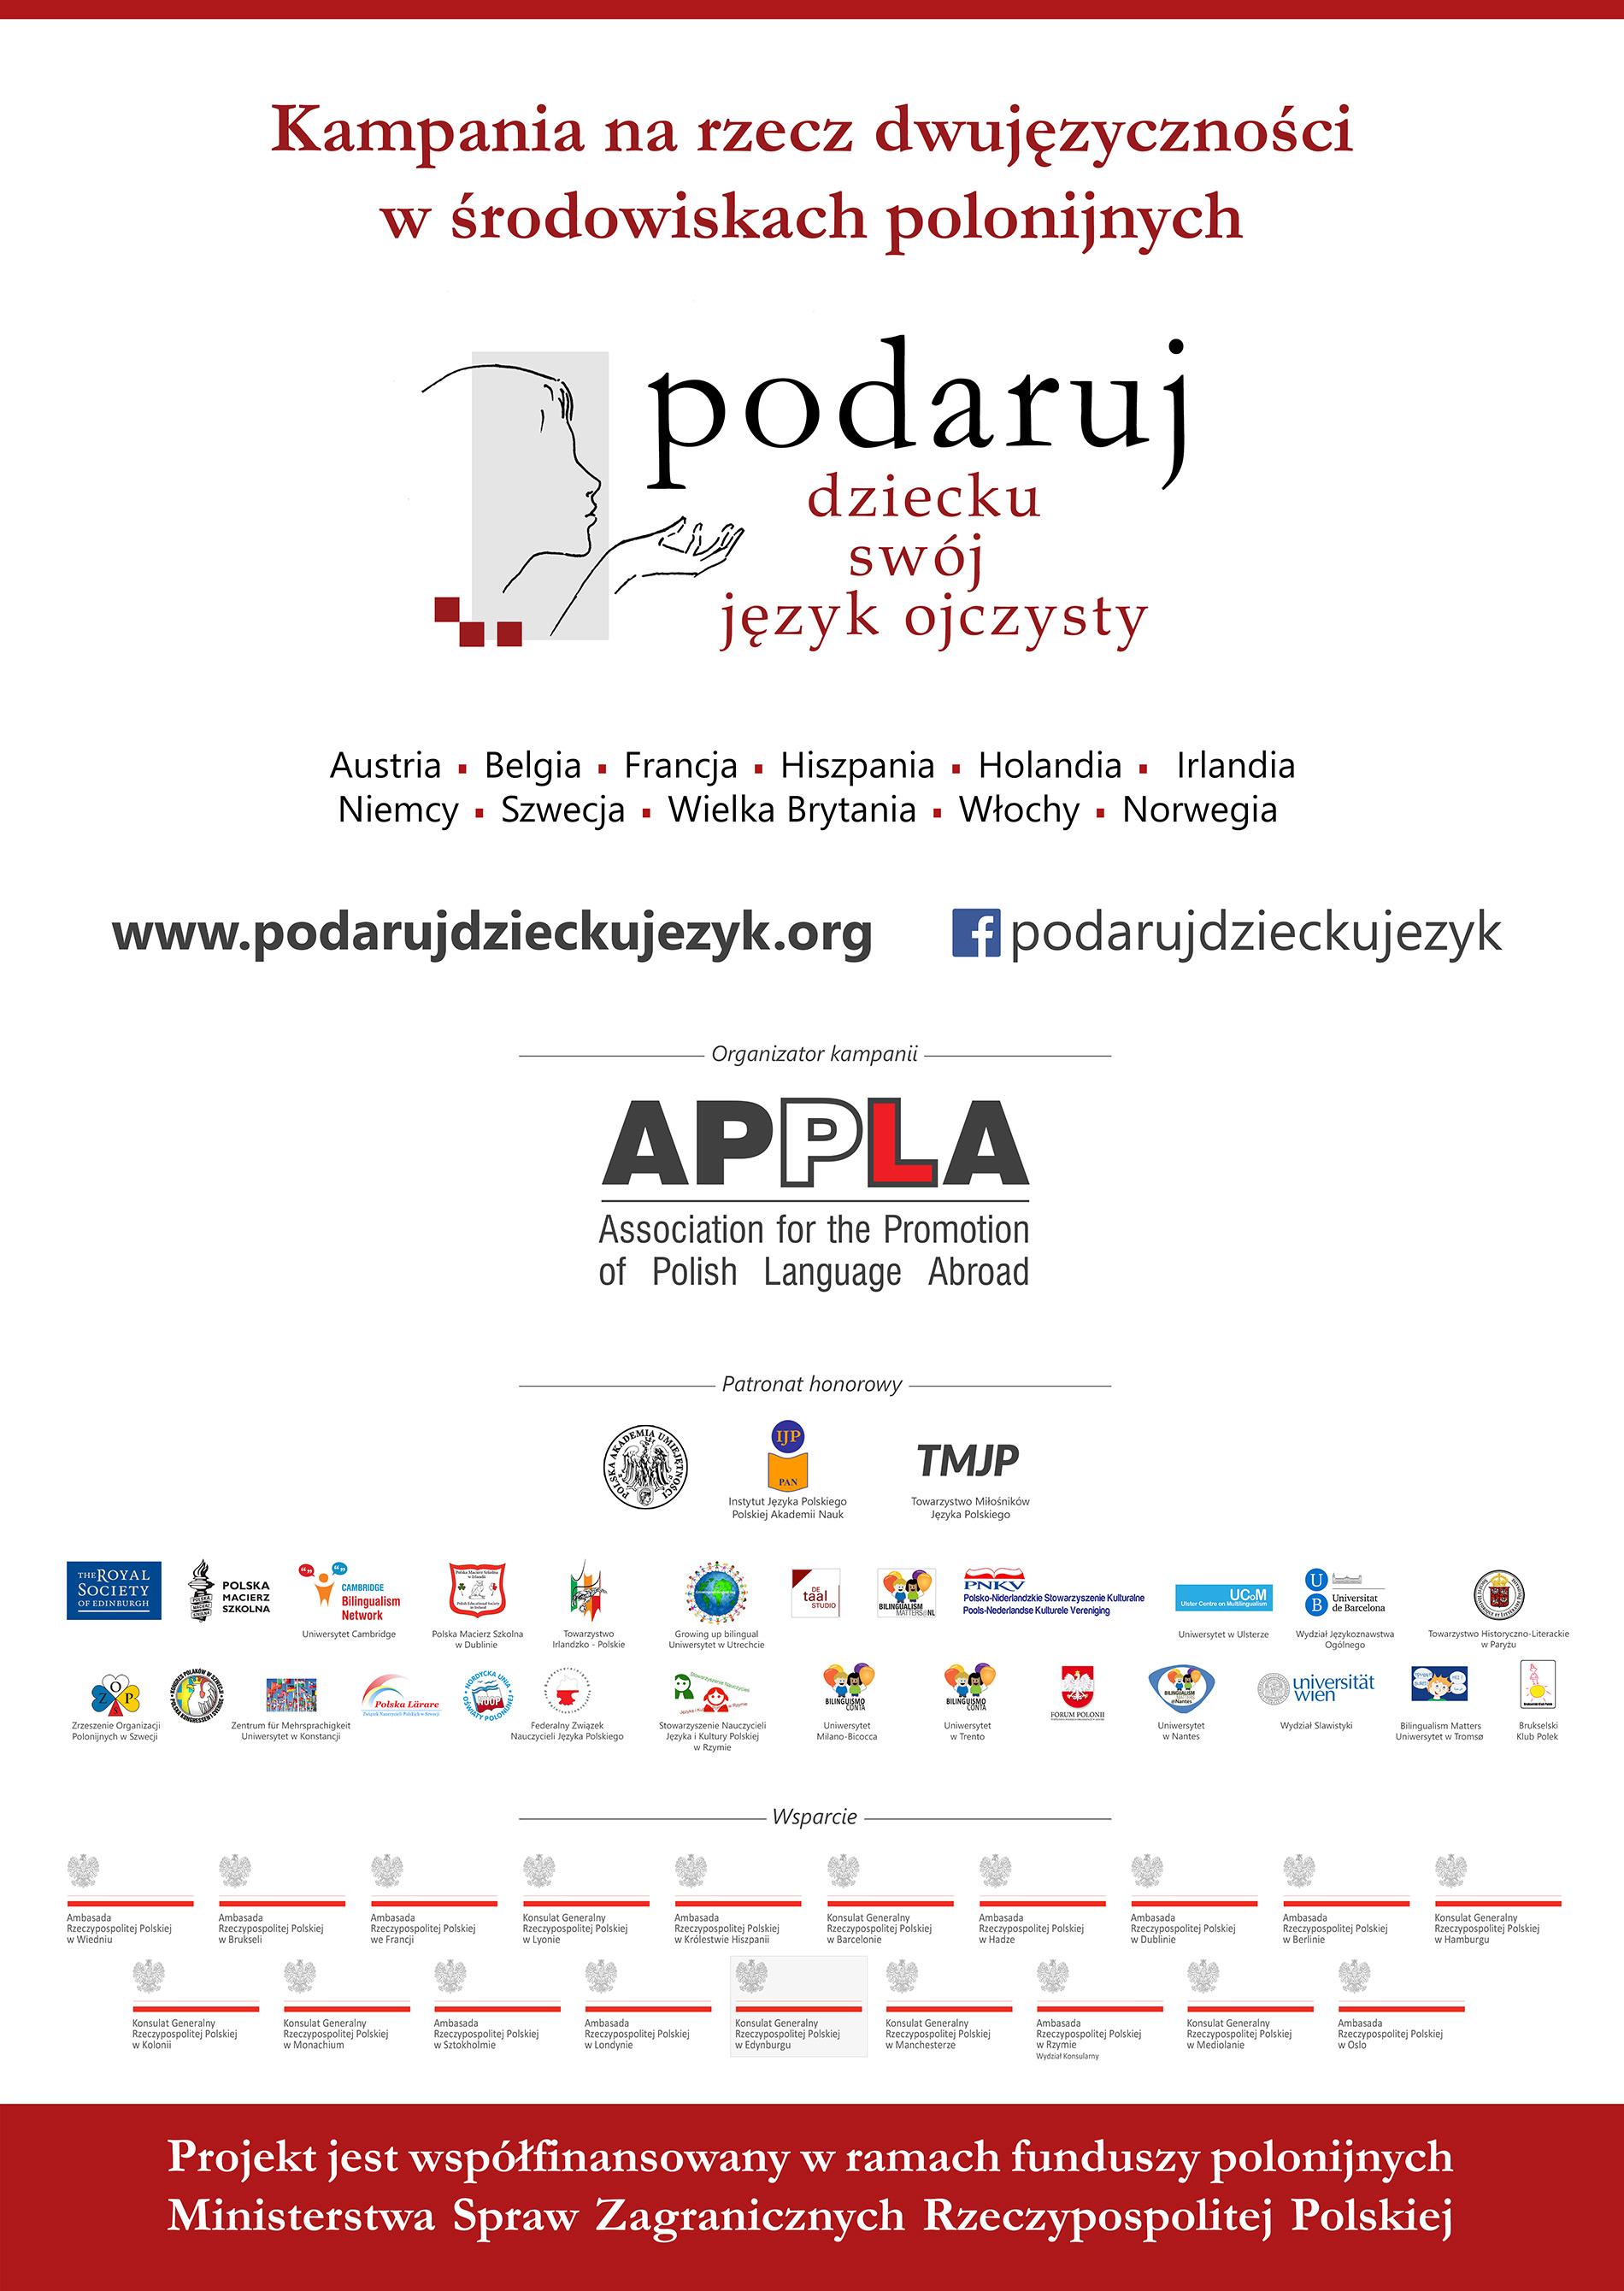 plakatA2-patronatyPL.jpg